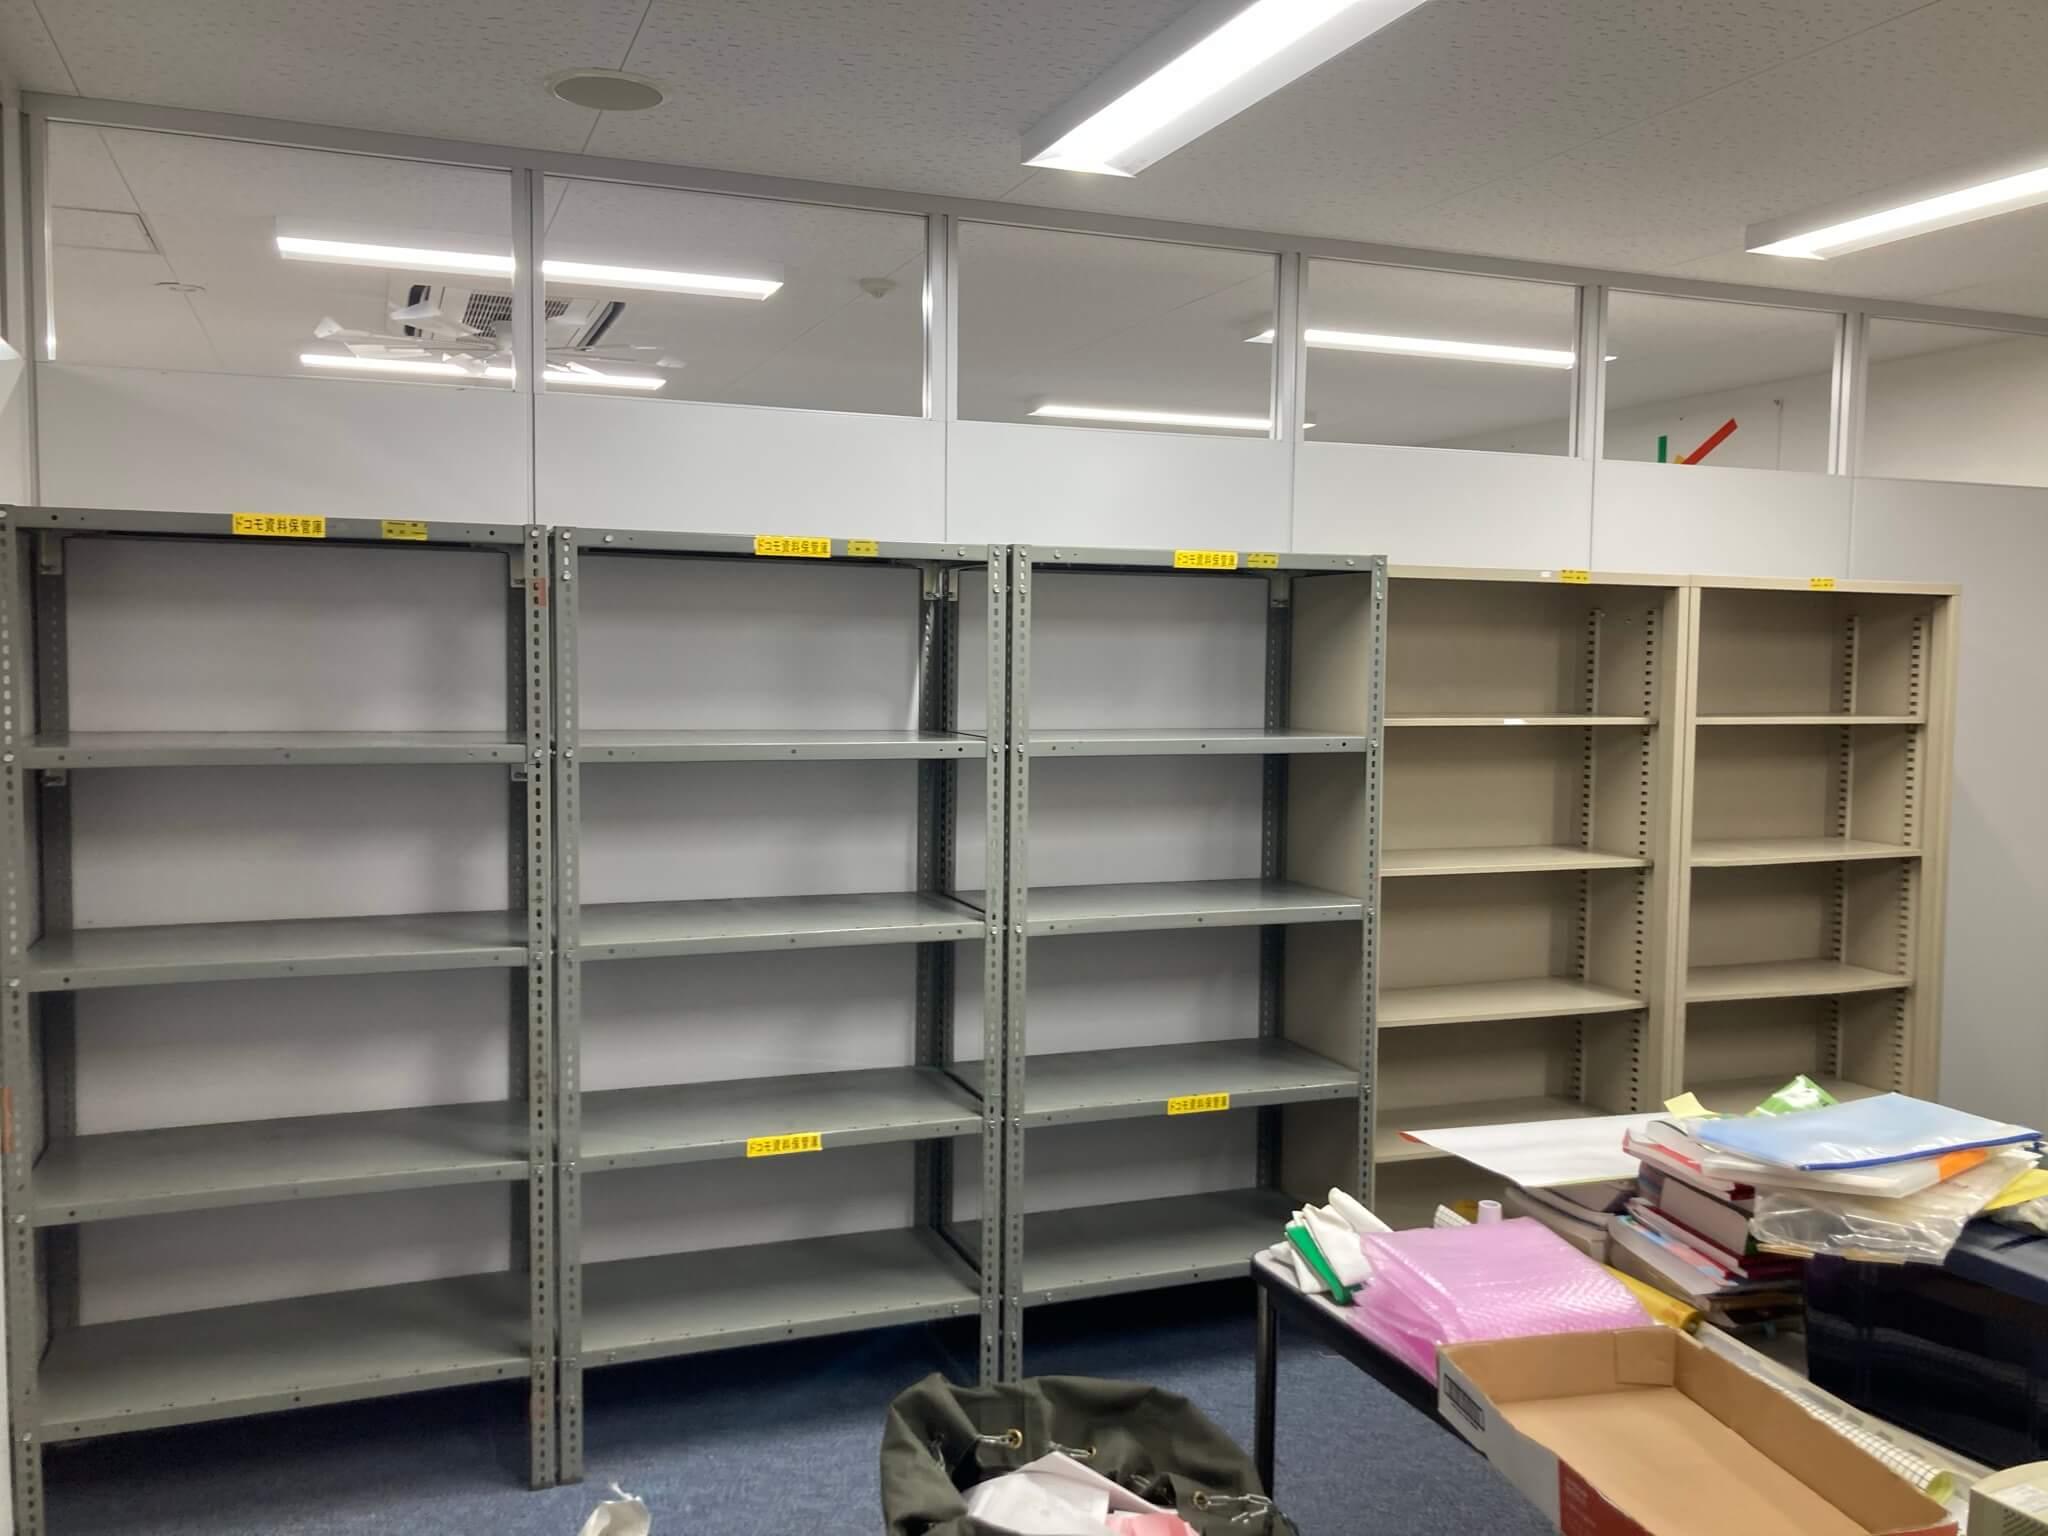 物品棚、書庫などは事前に移動